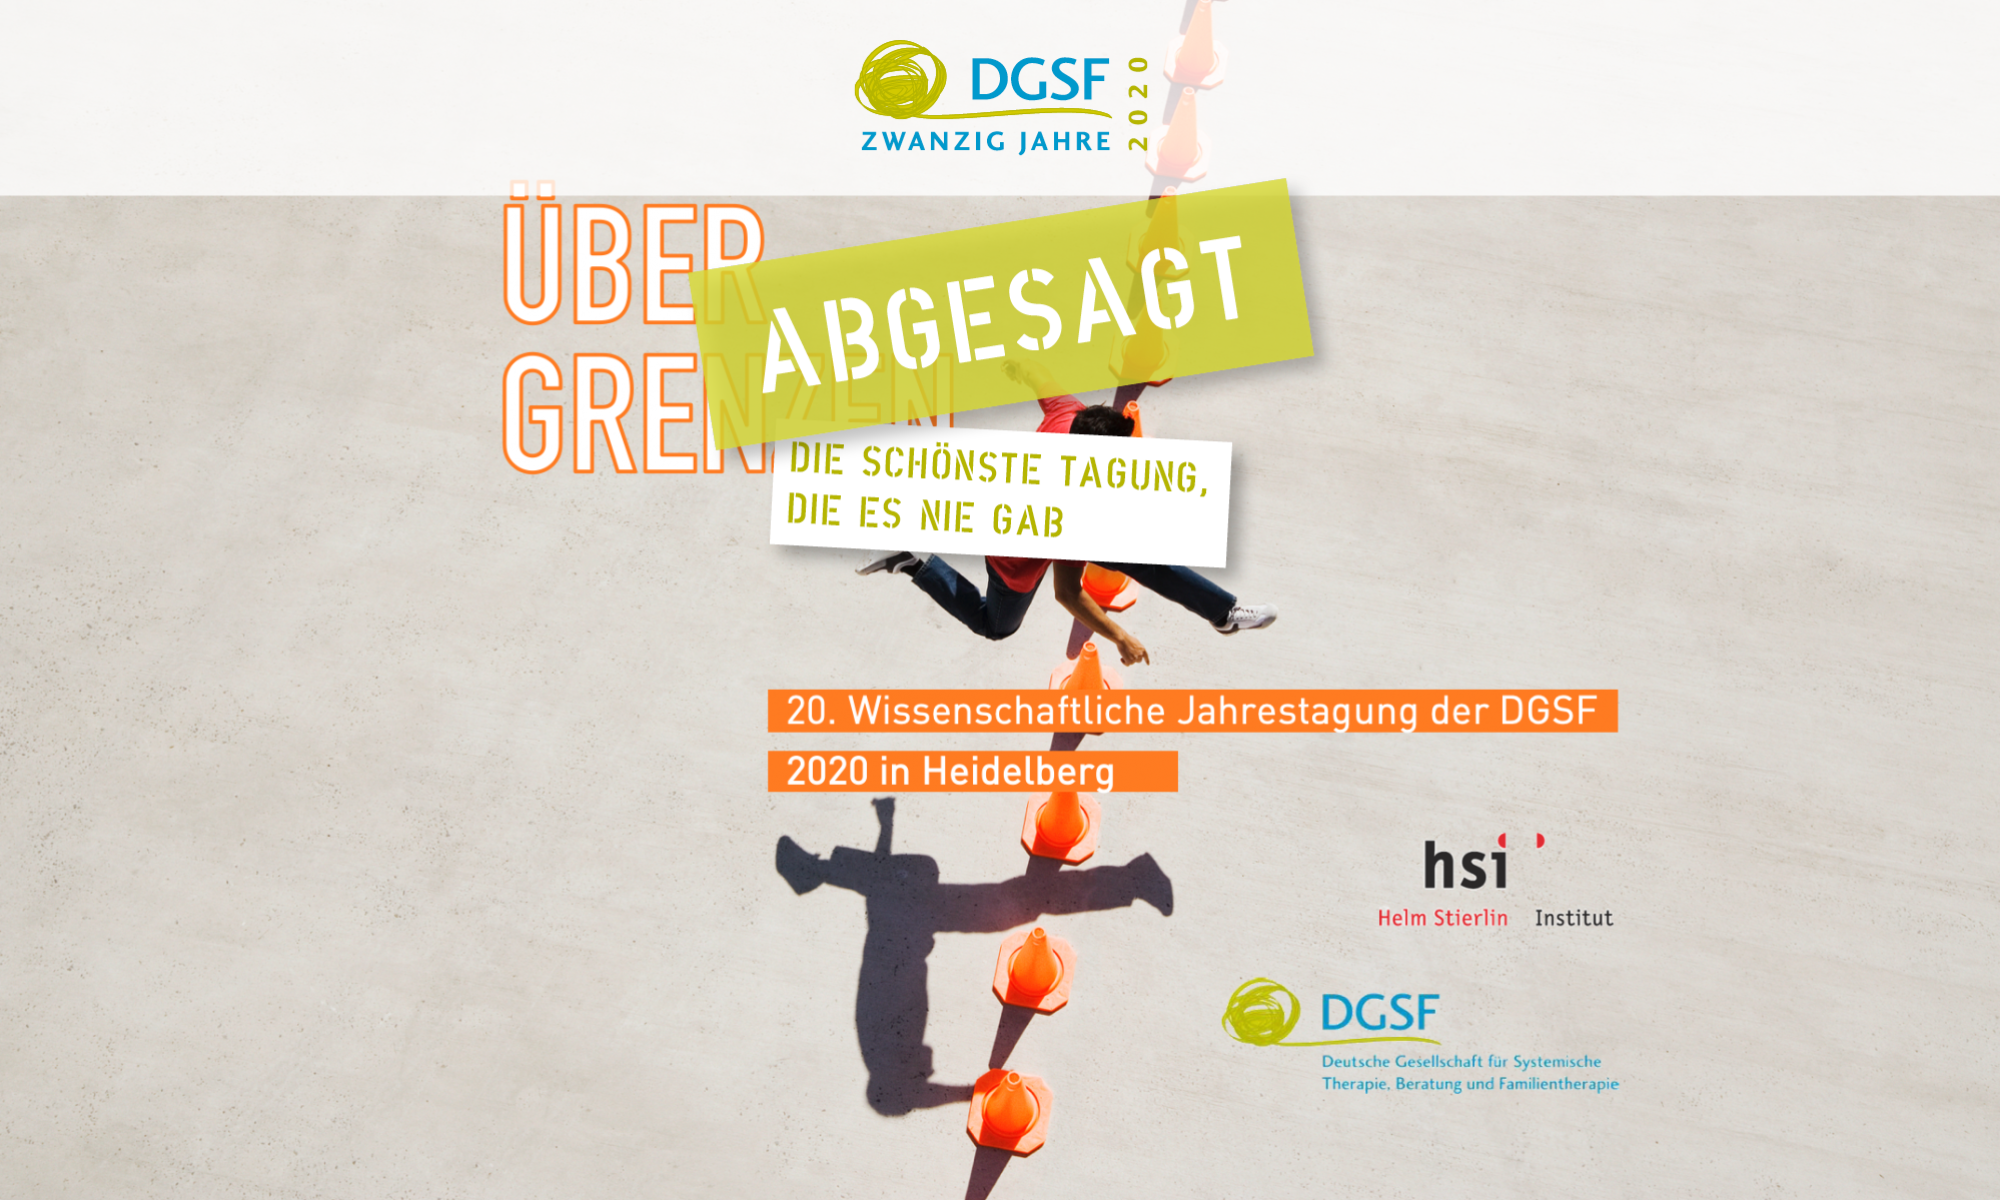 Happy DGSF - Jahrestagung 2020